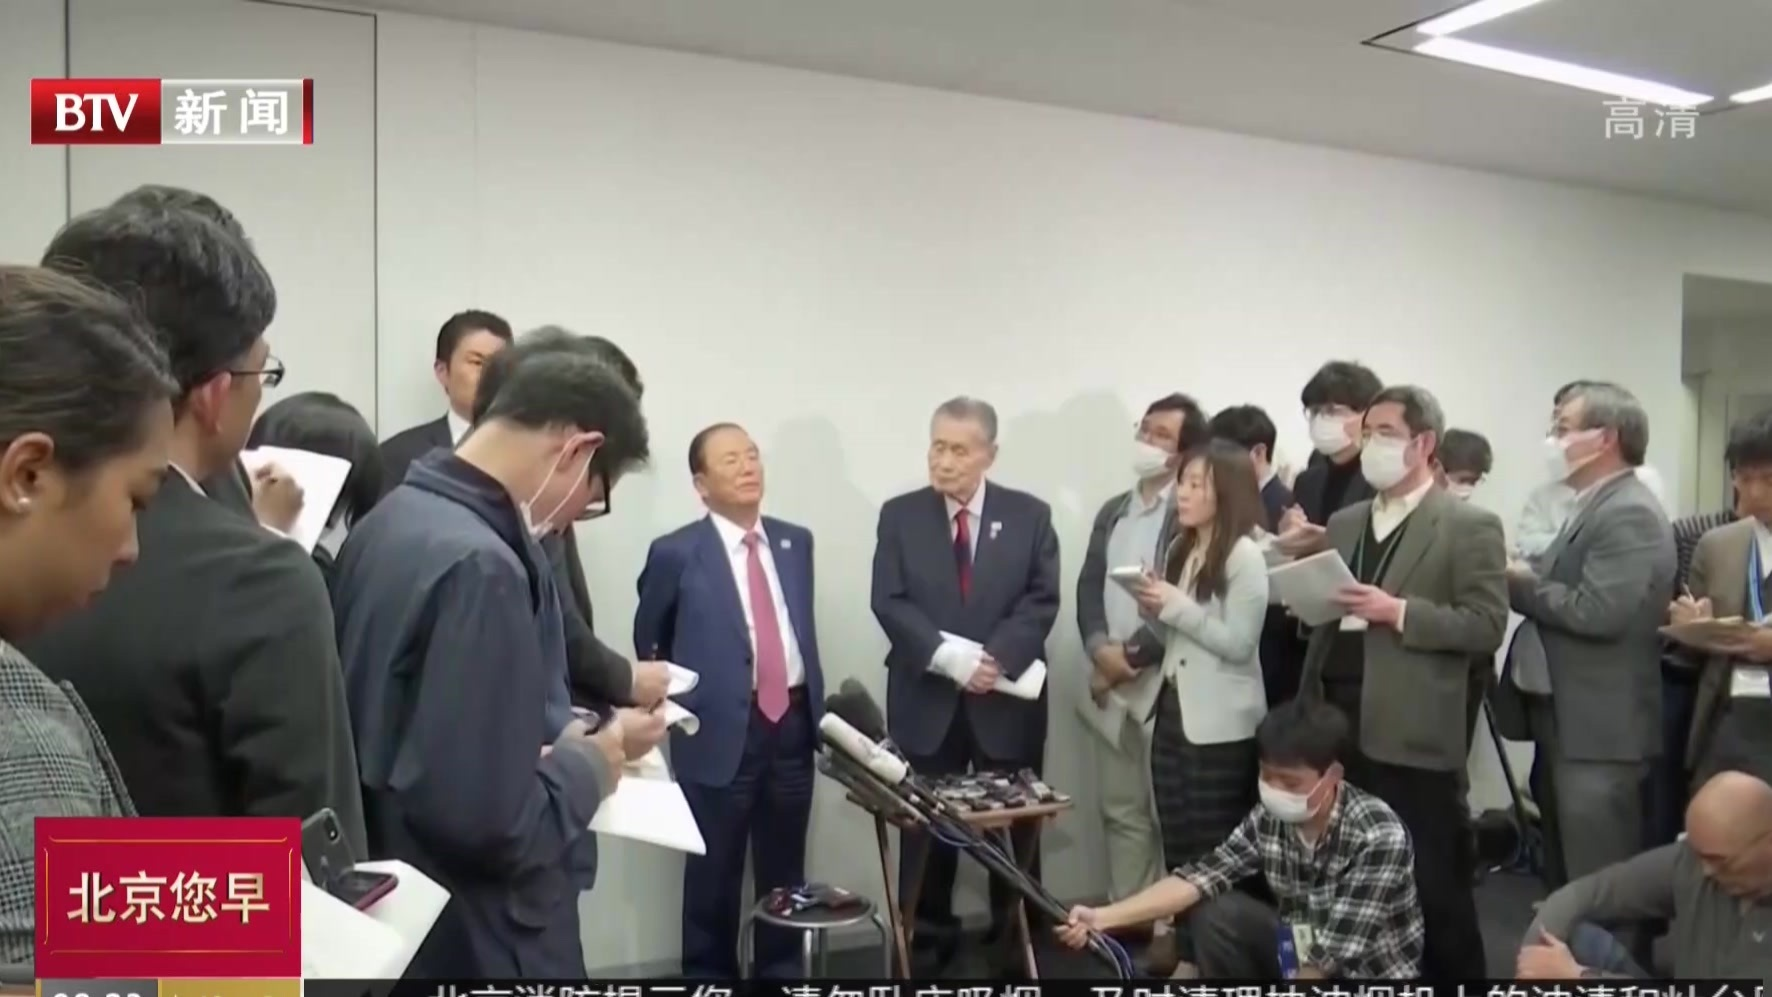 东京奥组委称不会延期举办奥运会